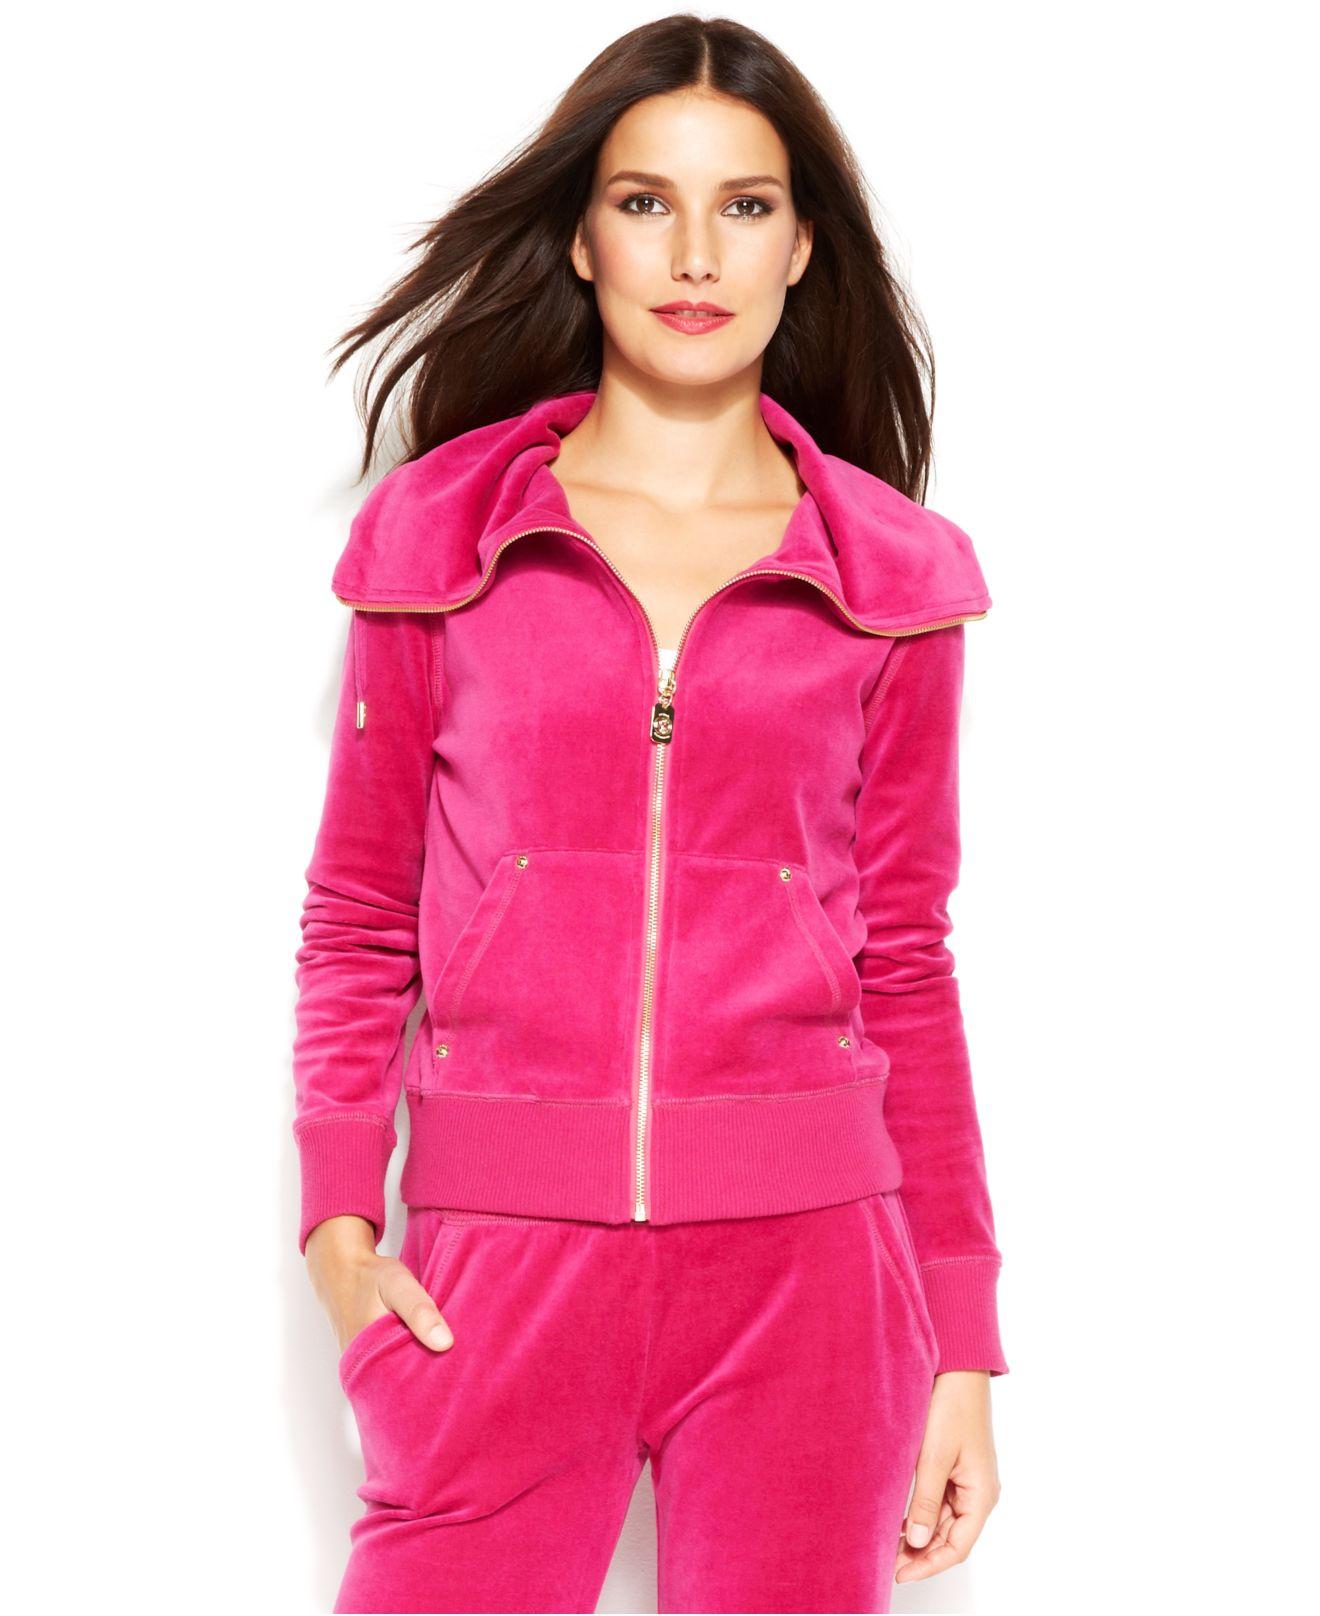 Lyst Michael Kors Michael Petite Velour Zip Front Jacket In Pink